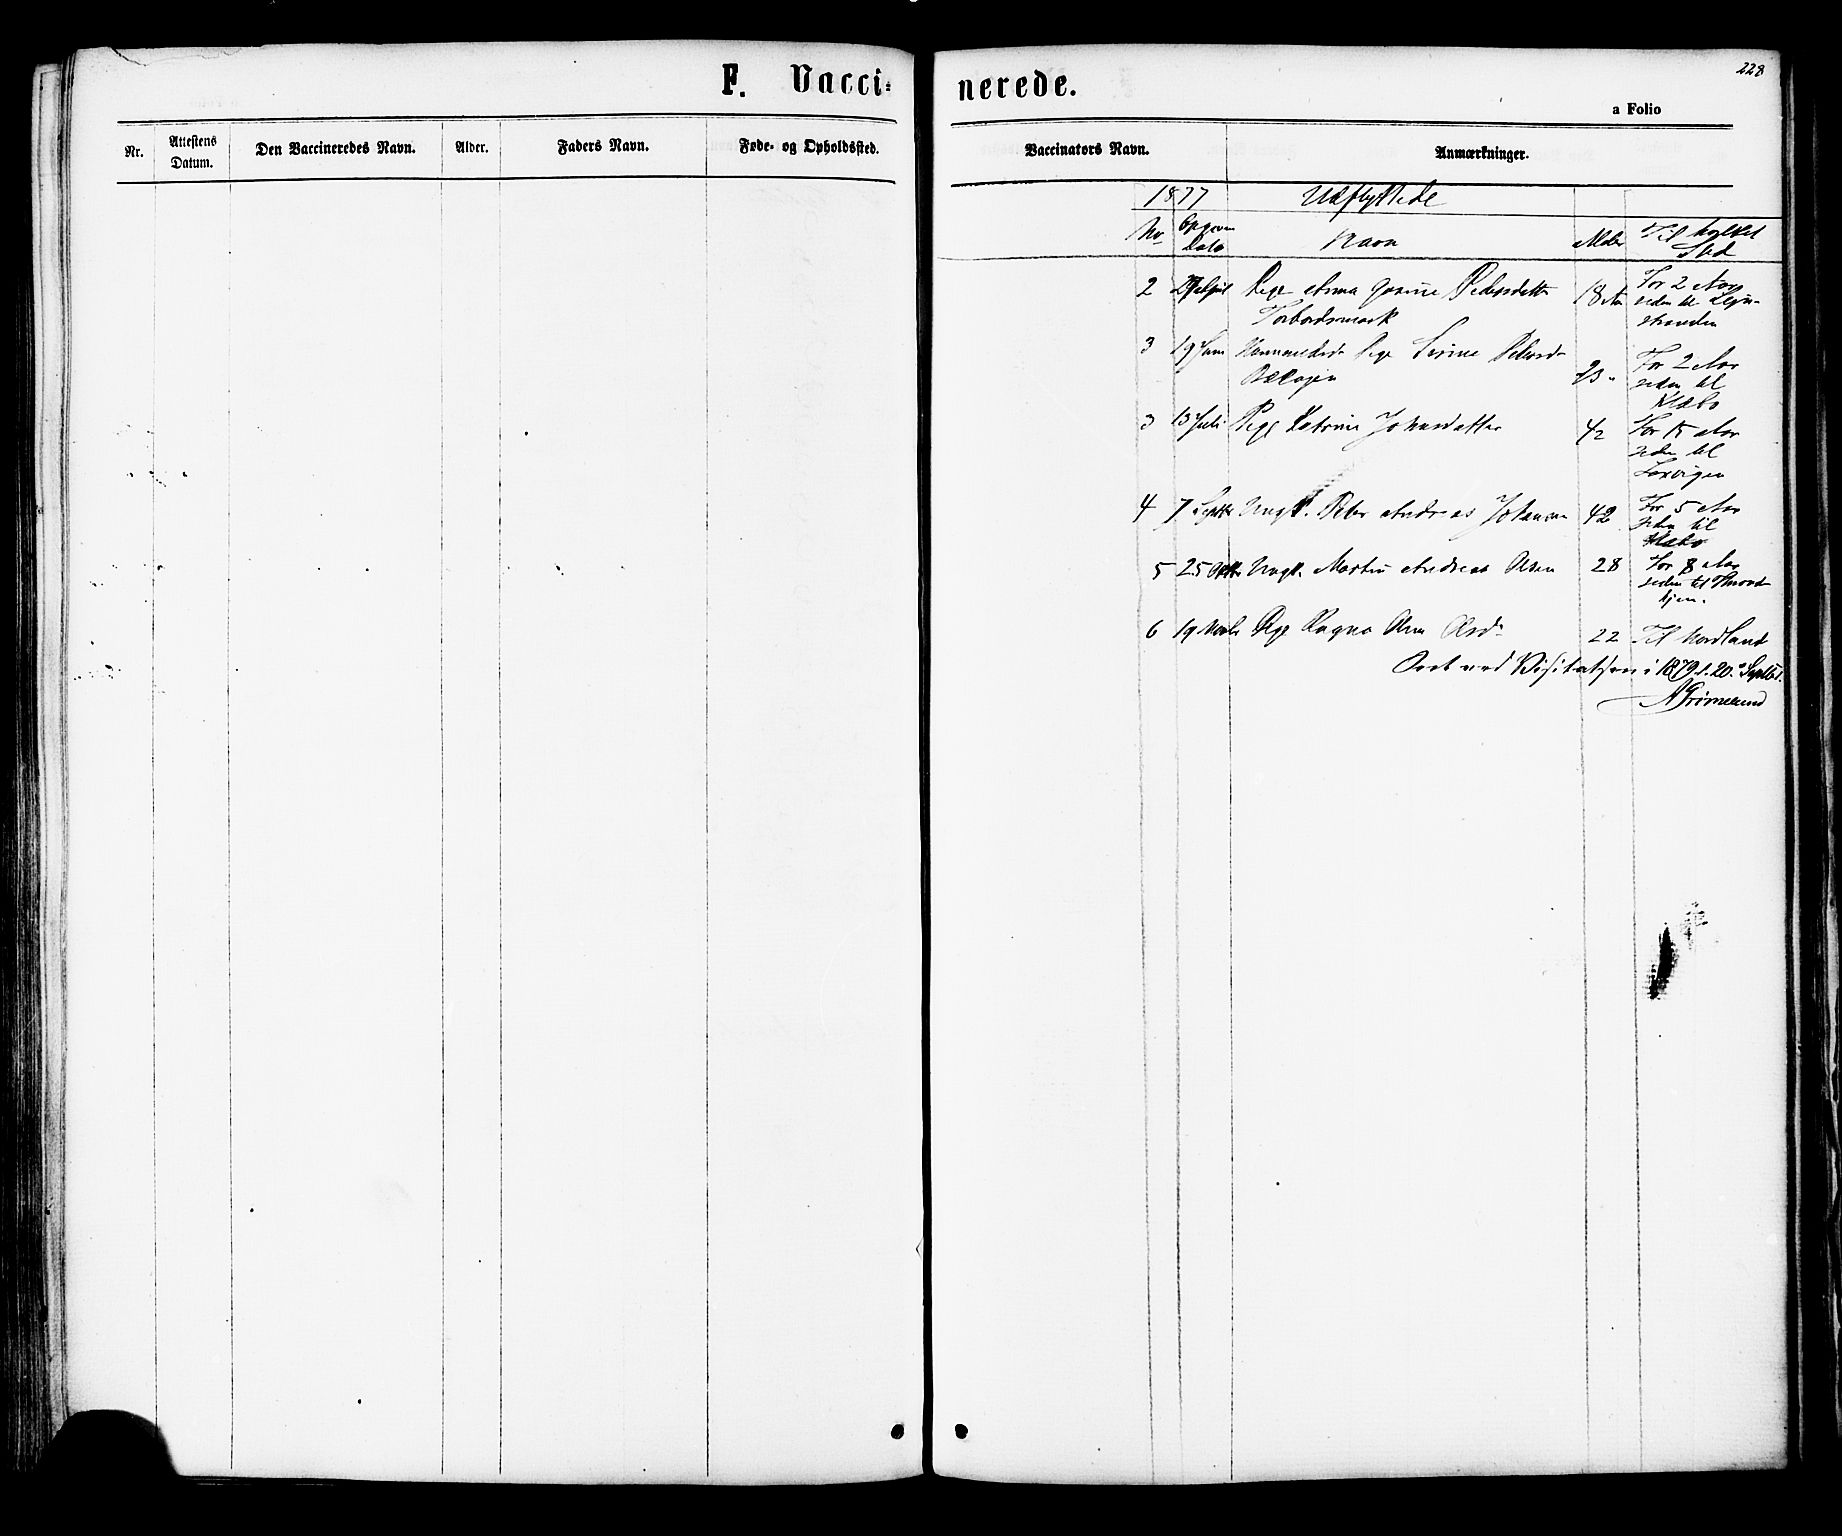 SAT, Ministerialprotokoller, klokkerbøker og fødselsregistre - Sør-Trøndelag, 616/L0409: Ministerialbok nr. 616A06, 1865-1877, s. 228